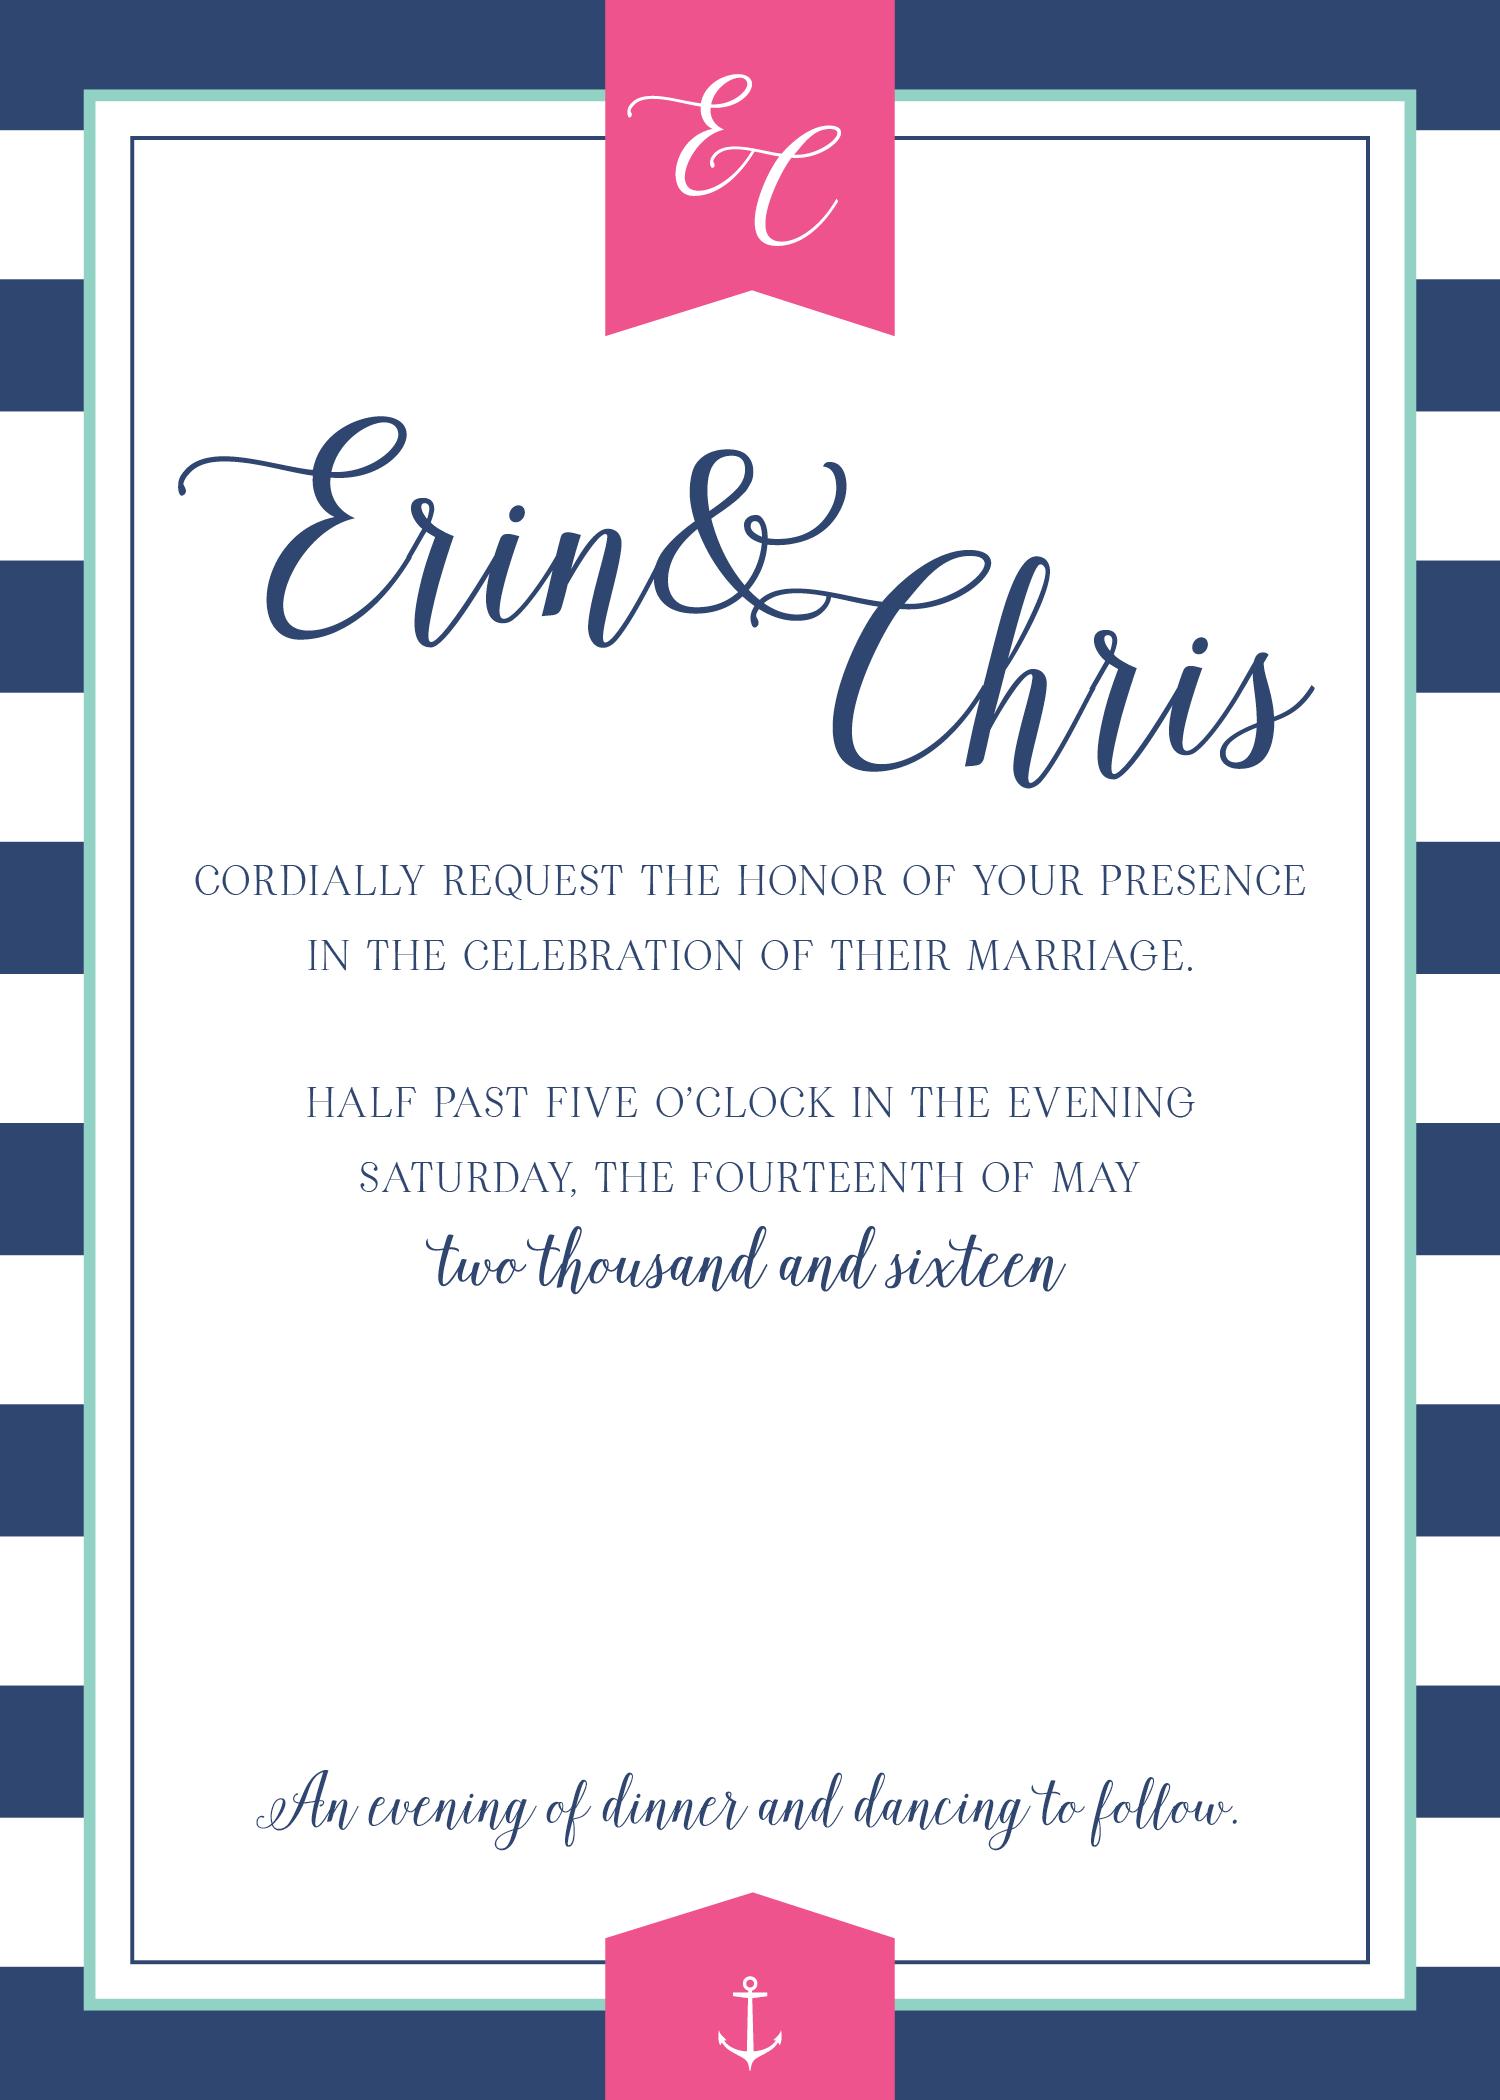 EC_Invite_Final